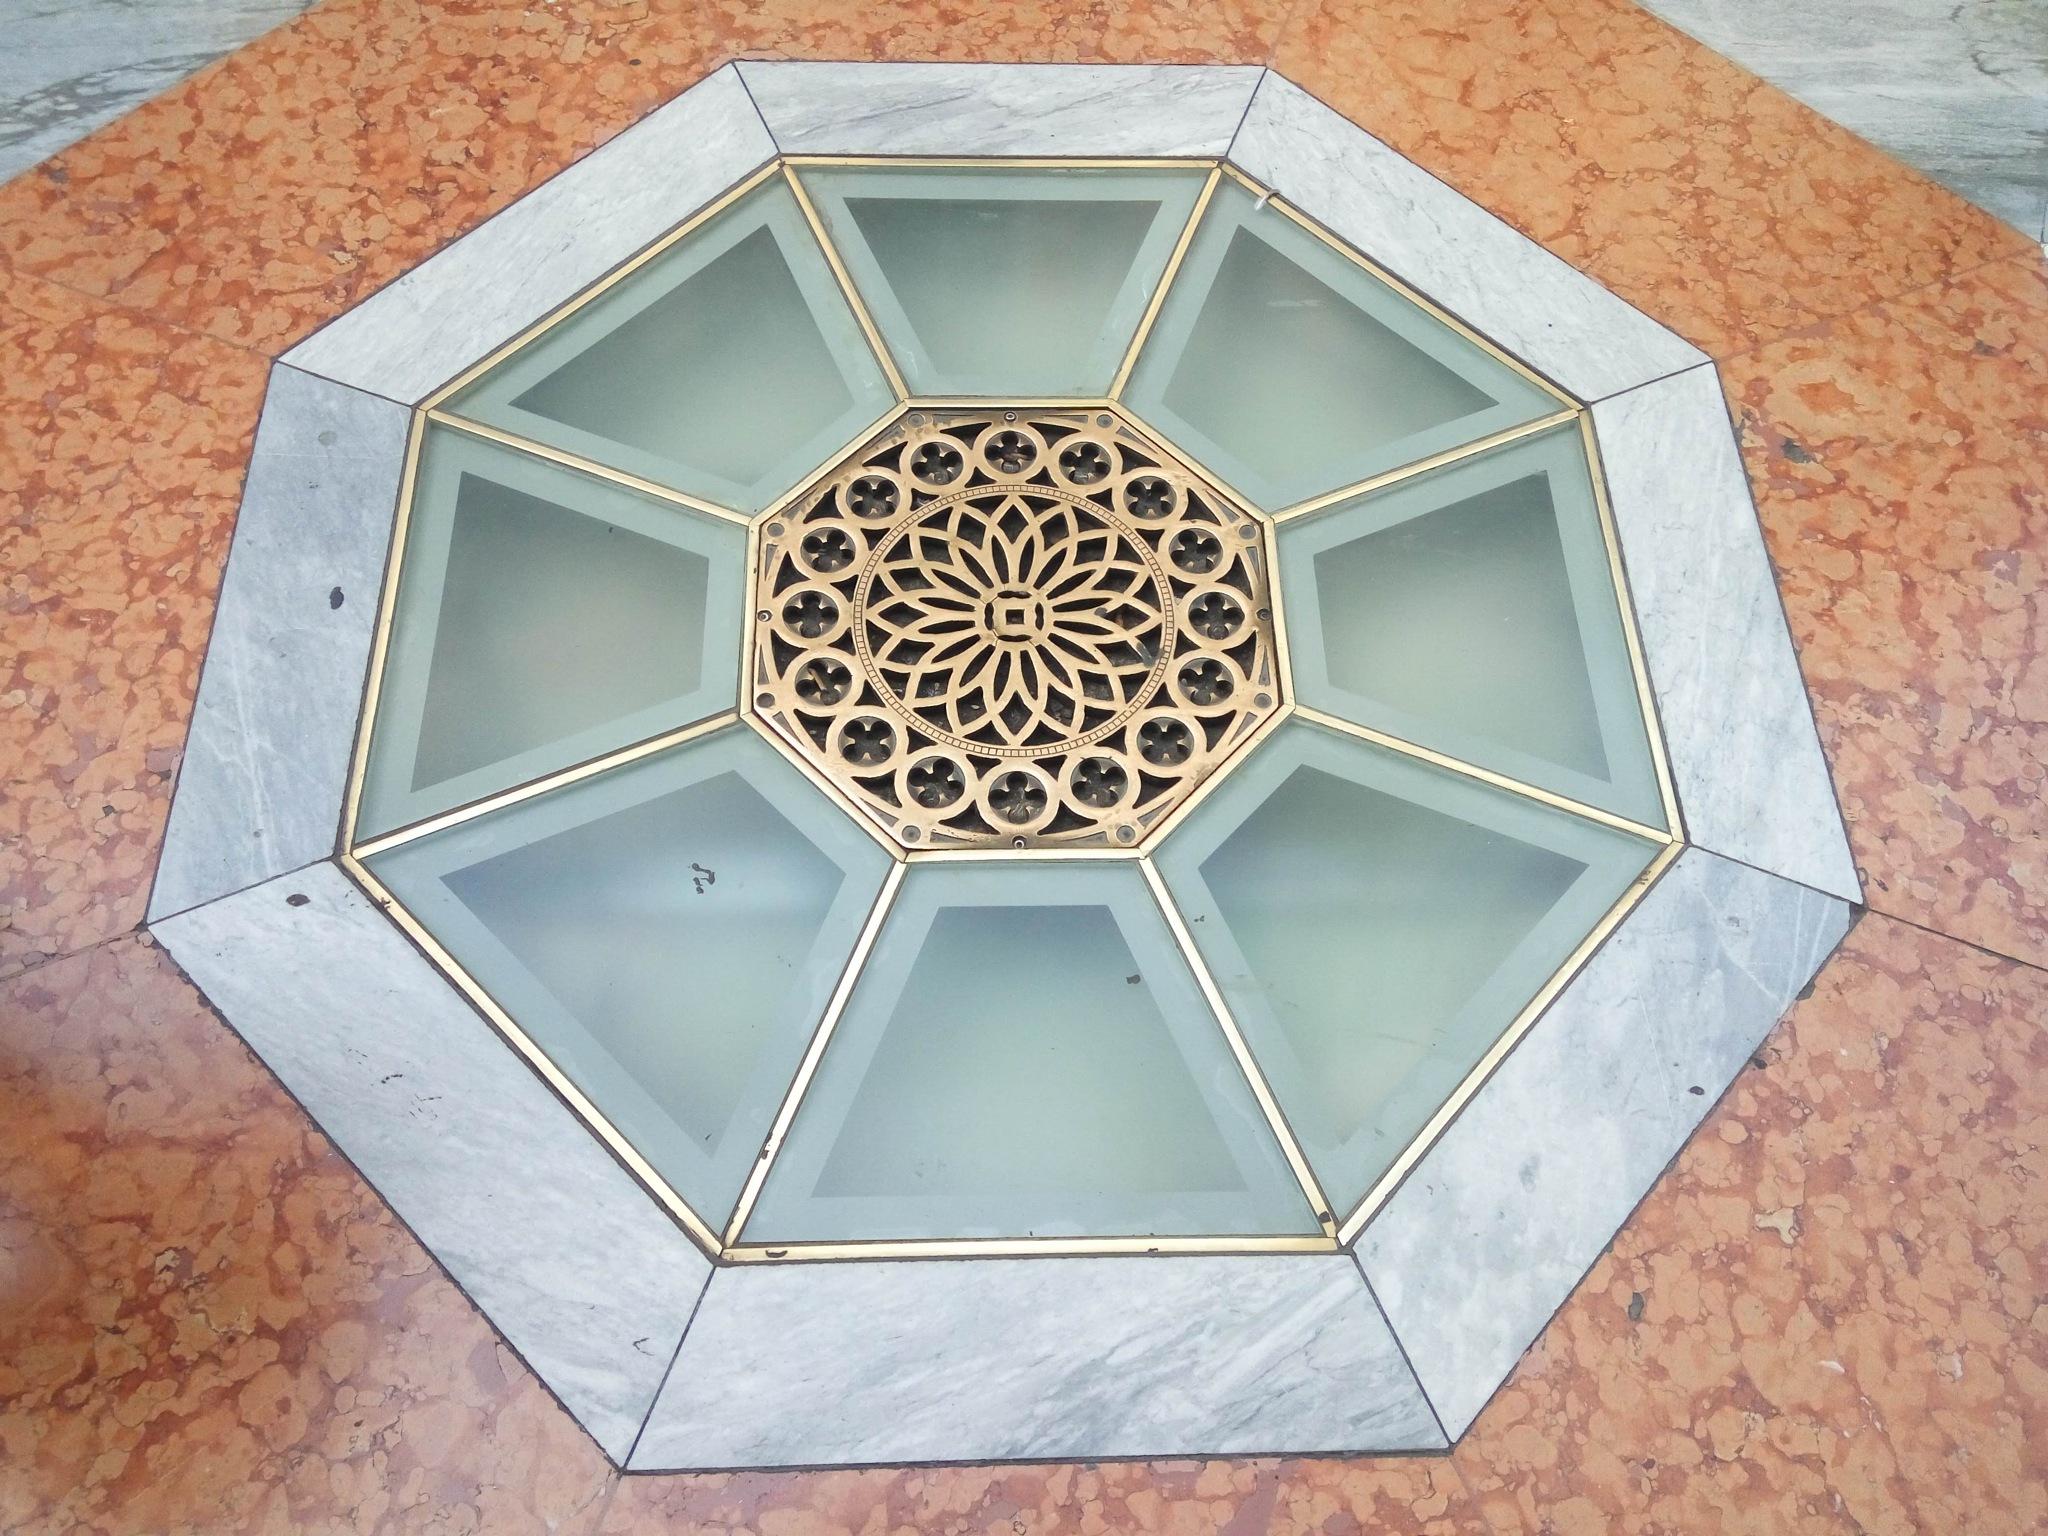 Tile detail by Raul Morejon Aguiar